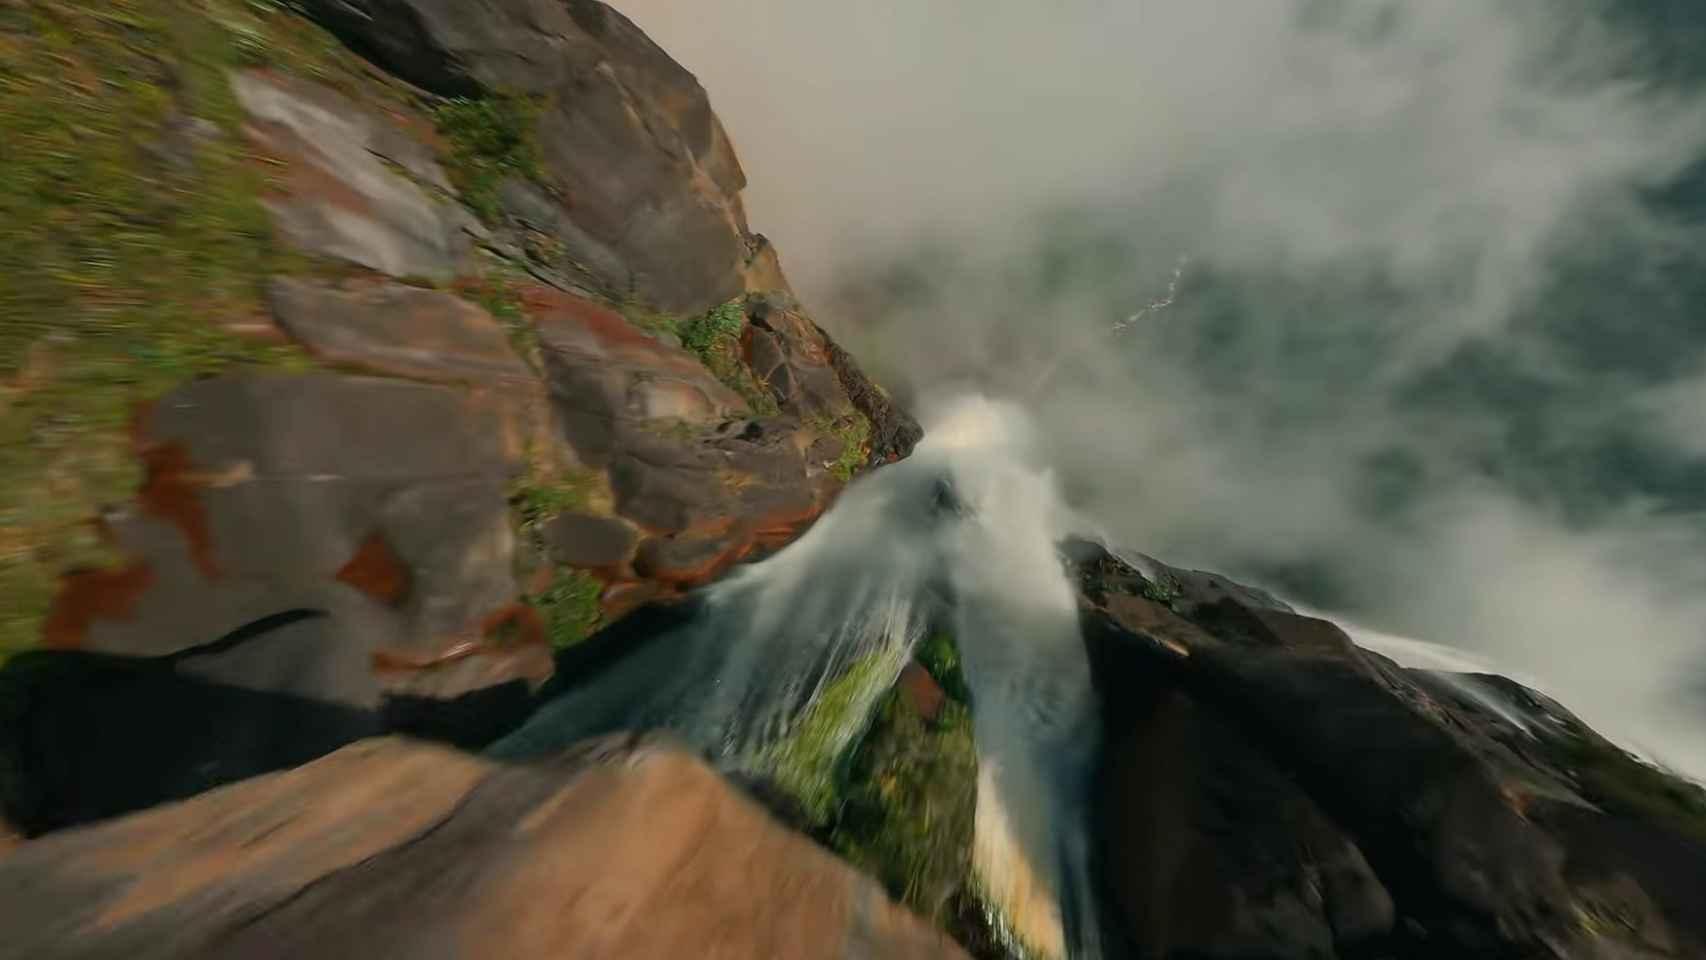 El vídeo que demuestra la impresión de caer por la catarata más alta del mundo con un dron